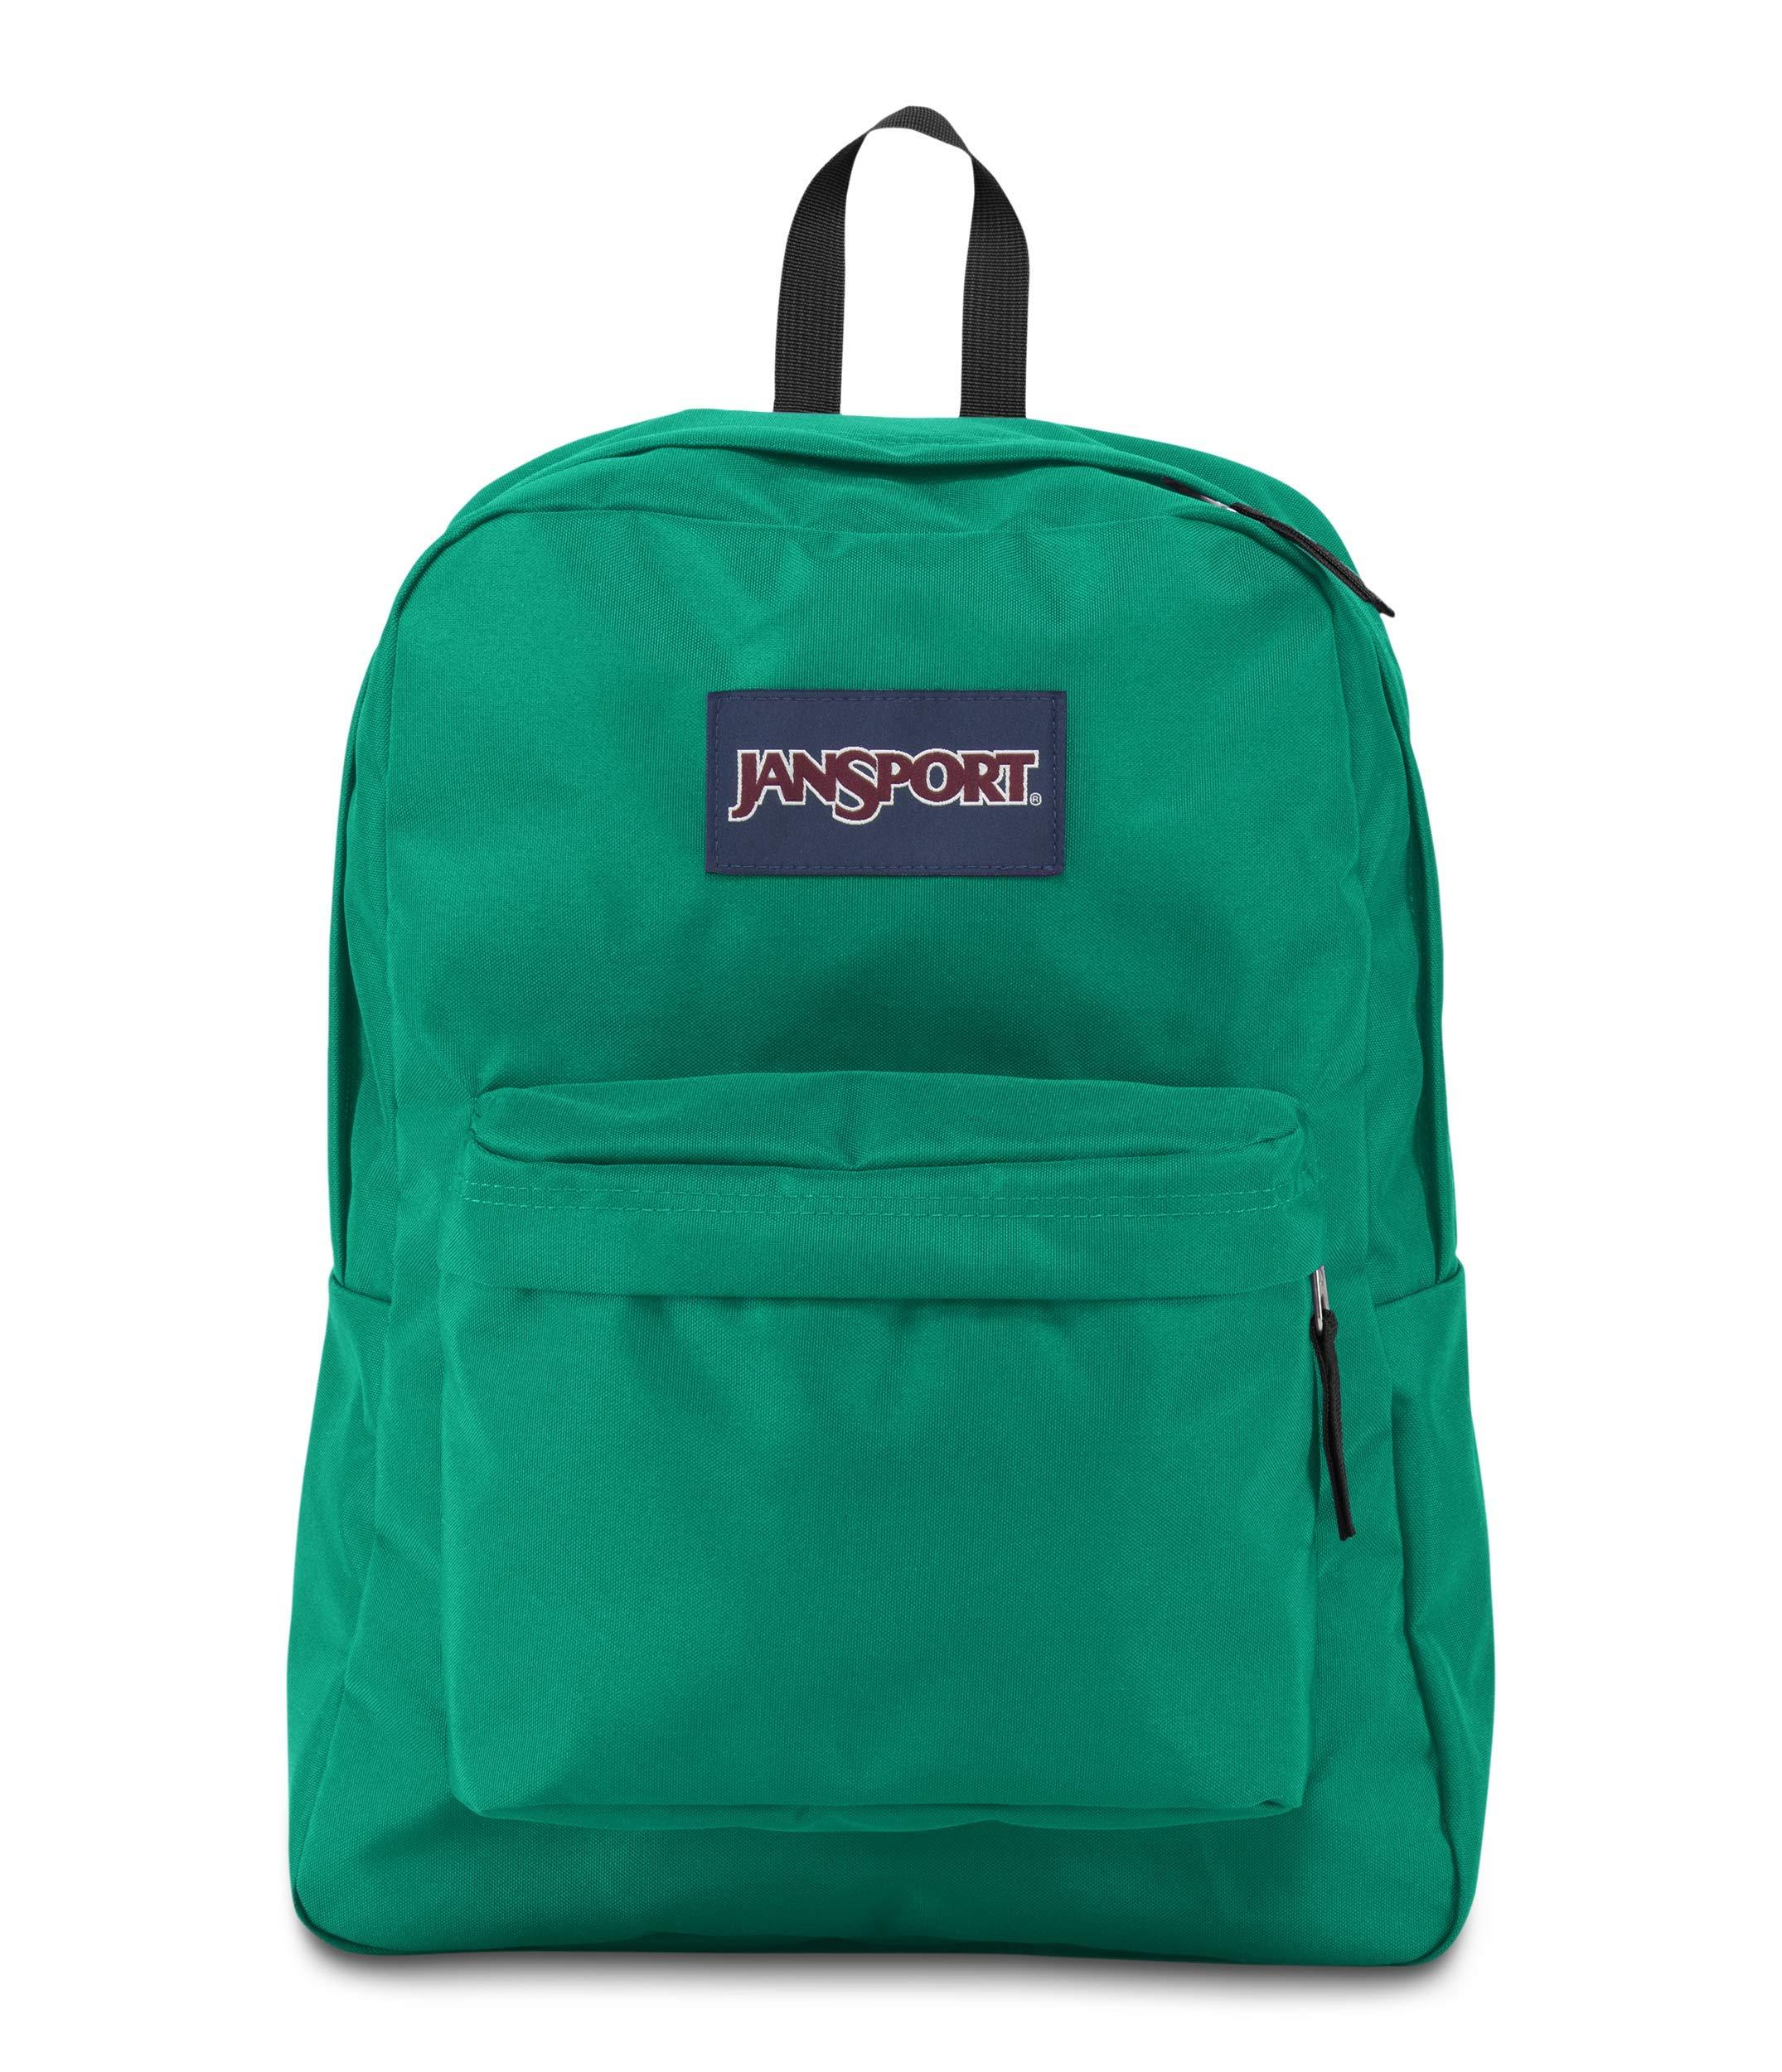 JanSport JS00T5013P5 Superbreak Backpack, Varsity Green